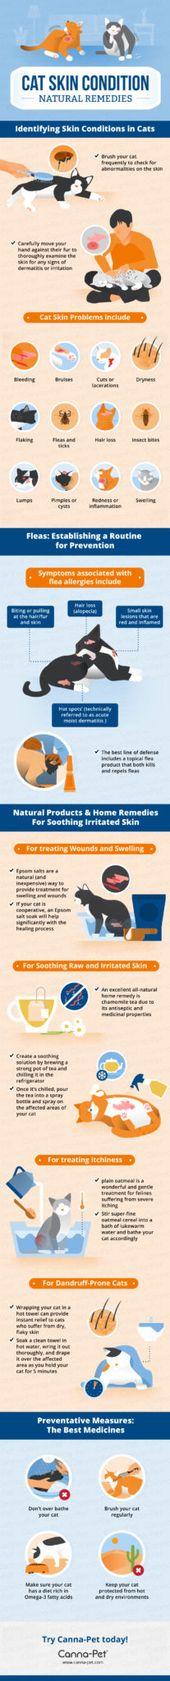 Katzenhauterkrankungen und natürliche Heilmittel